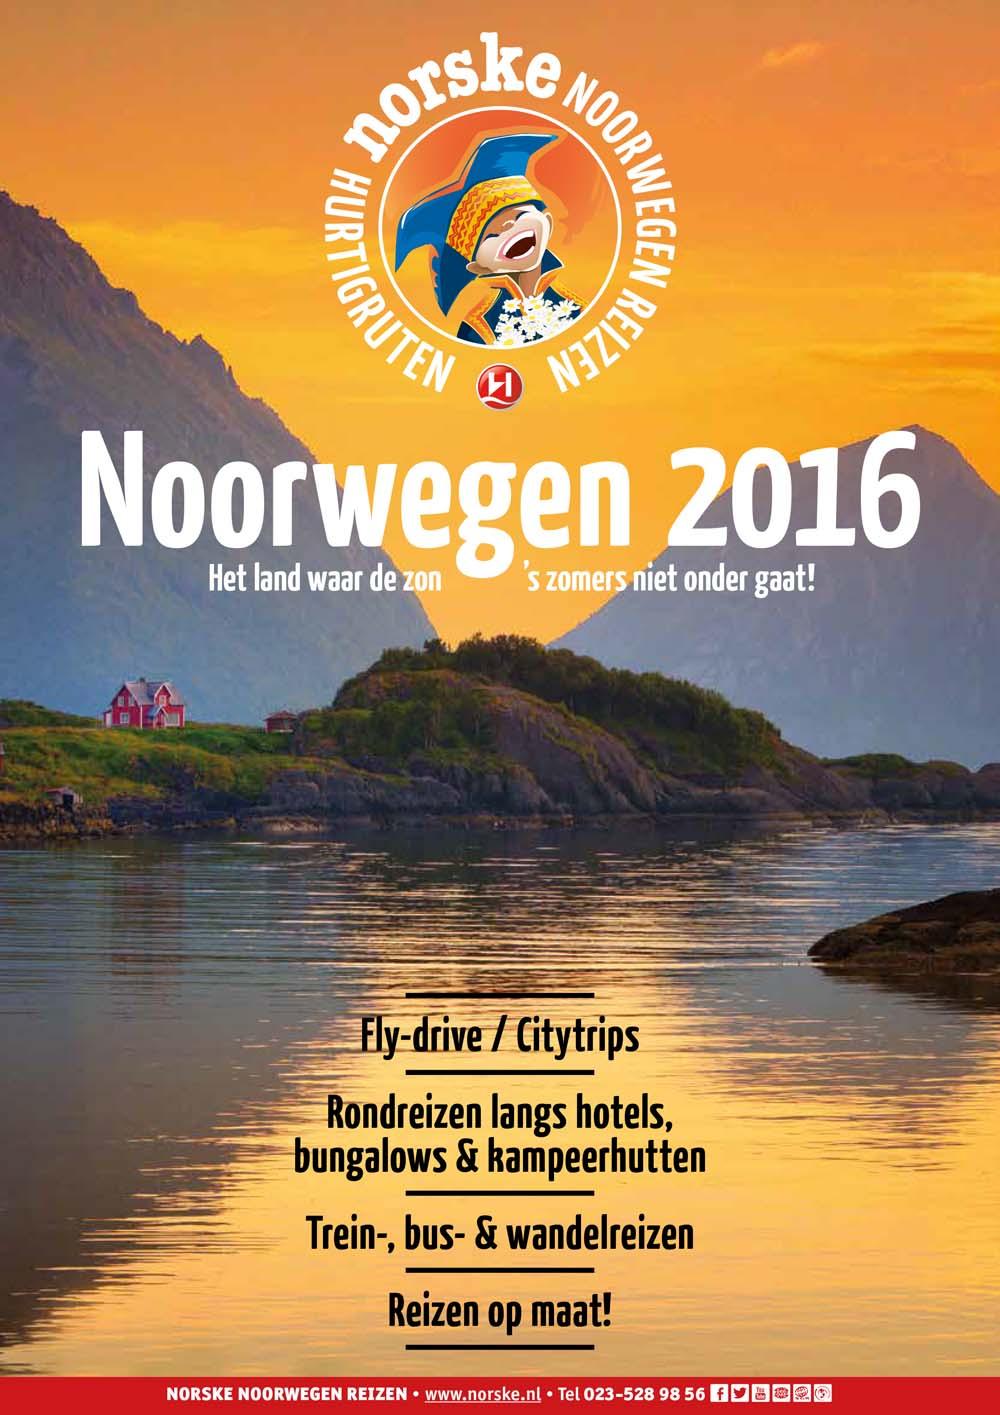 Zomer in Noorwegen 2016